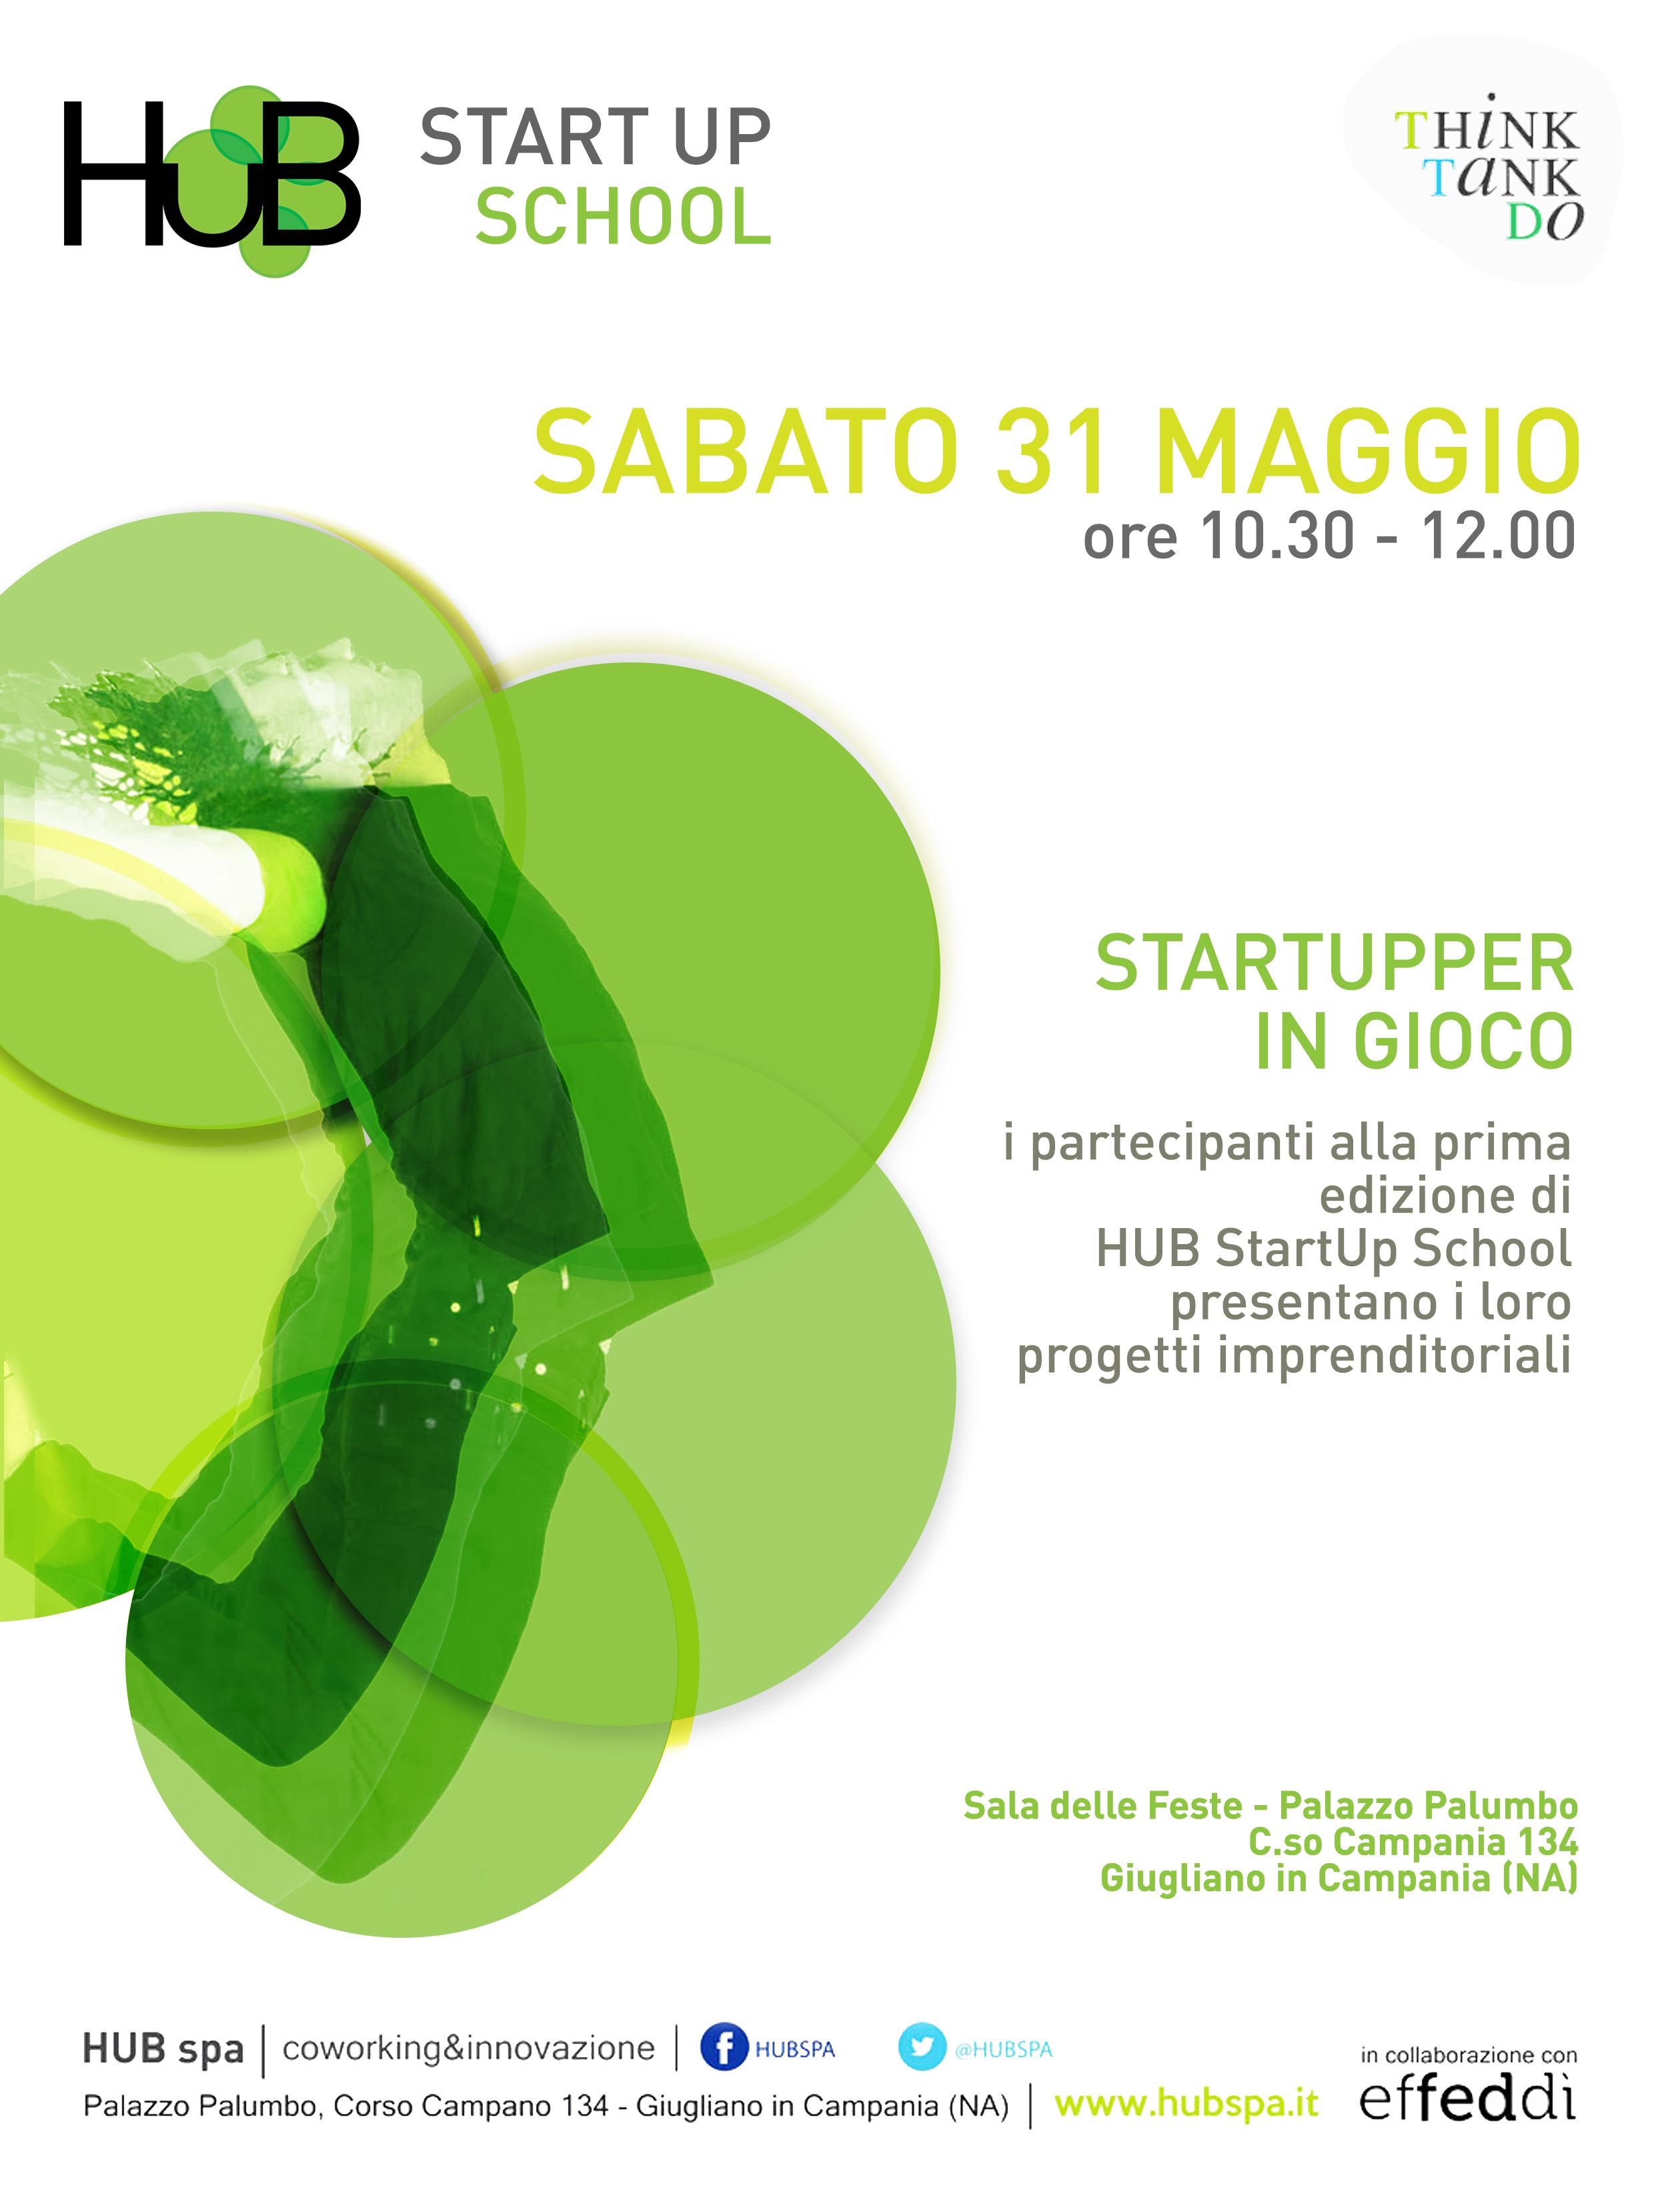 StartUpper in Gioco: i partecipanti della StartUp School presentano i progetti